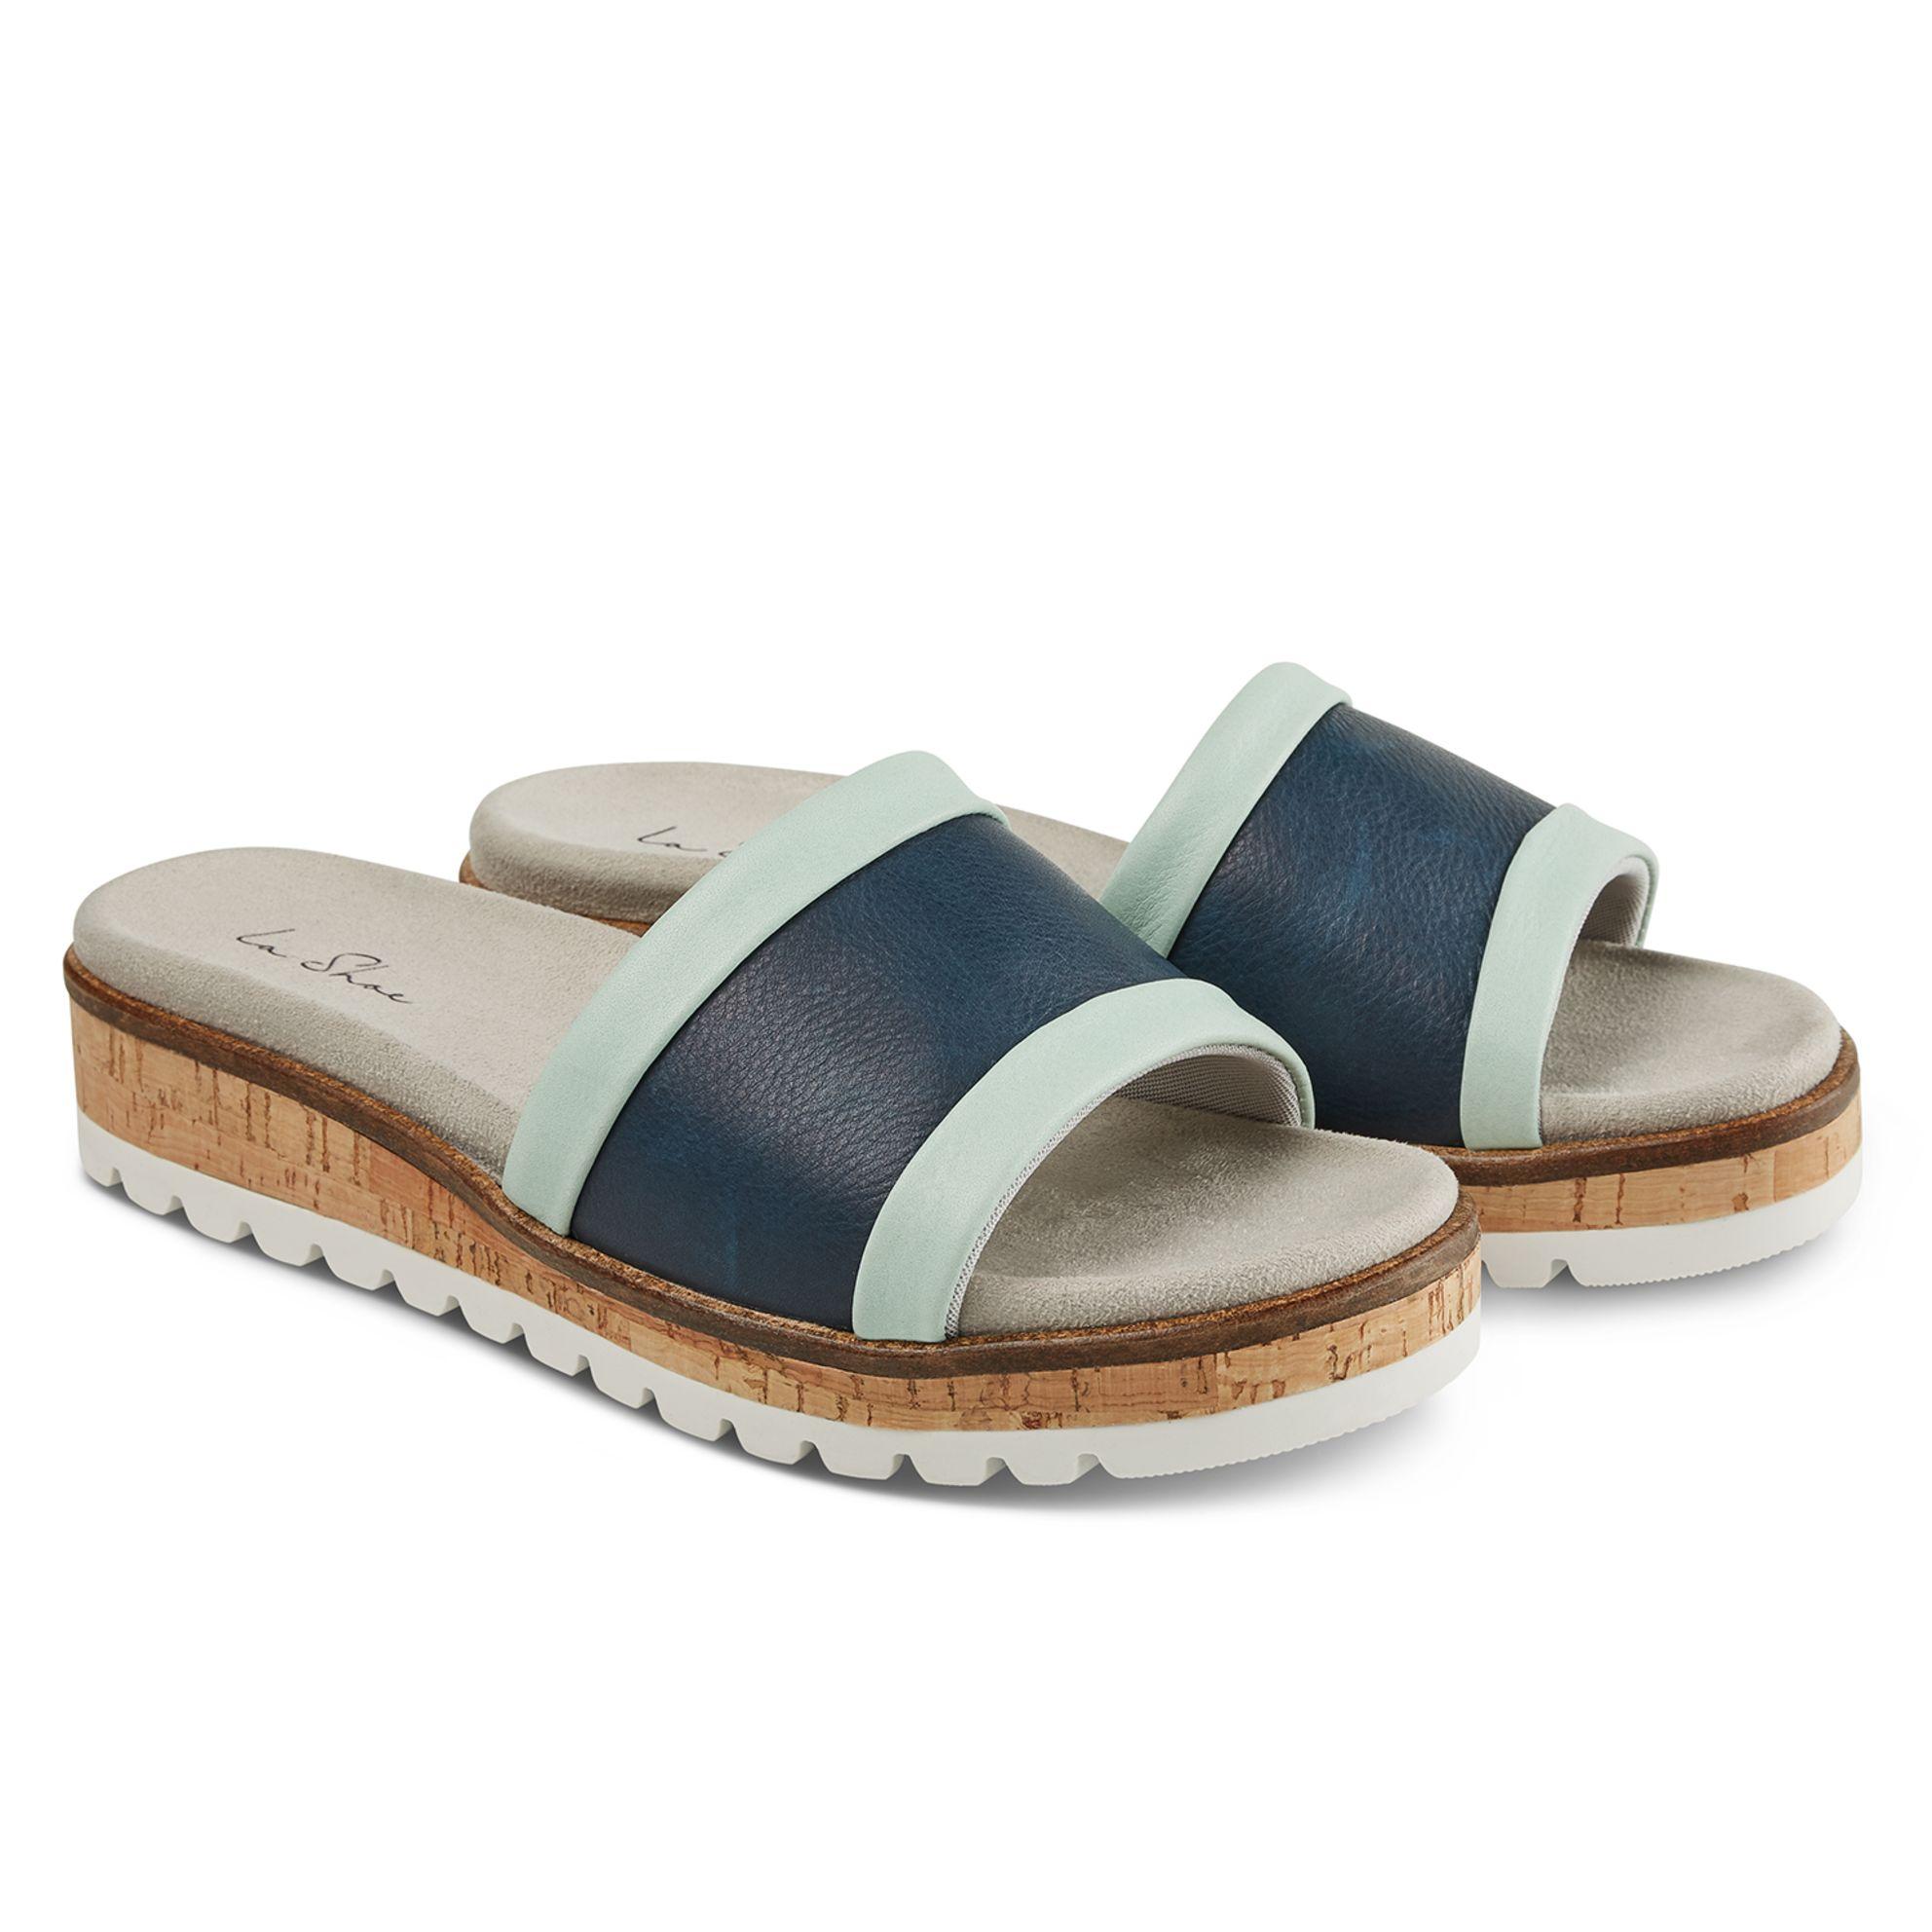 Pantolette mit Wechselfußbett Blau – modischer und bequemer Schuh für Hallux valgus und empfindliche Füße von LaShoe.de